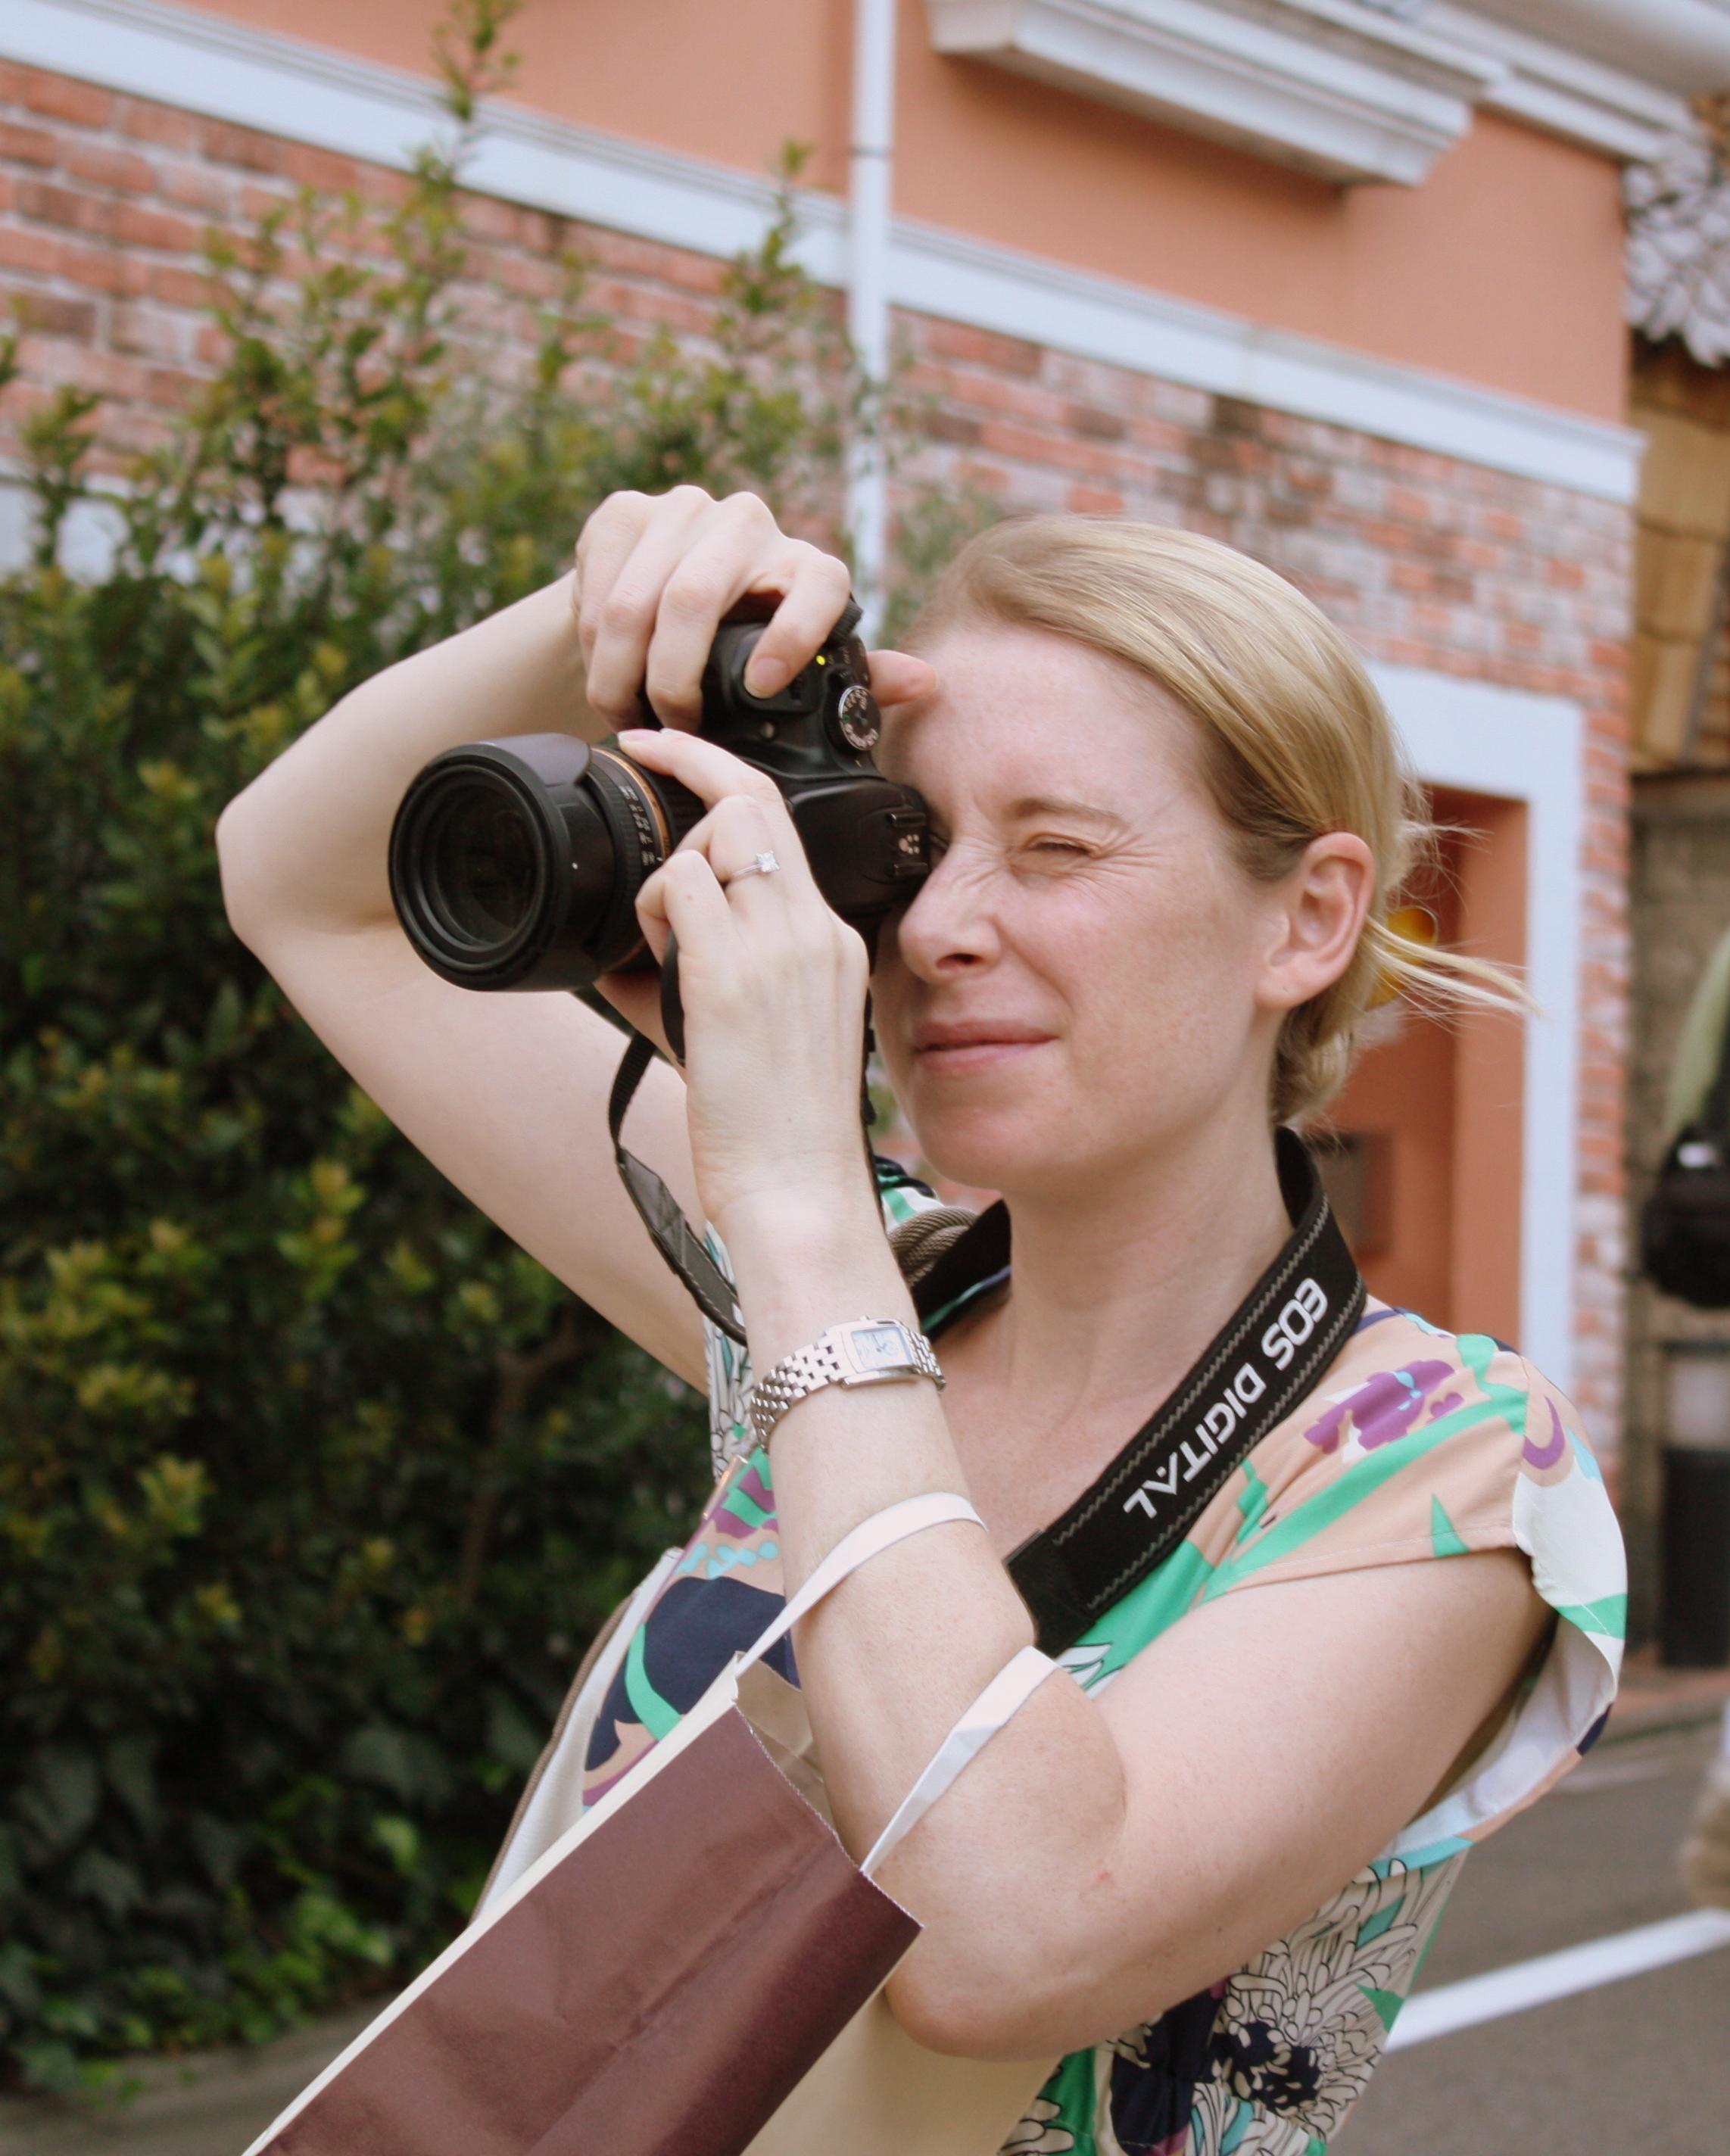 2009.08.29 Melanie